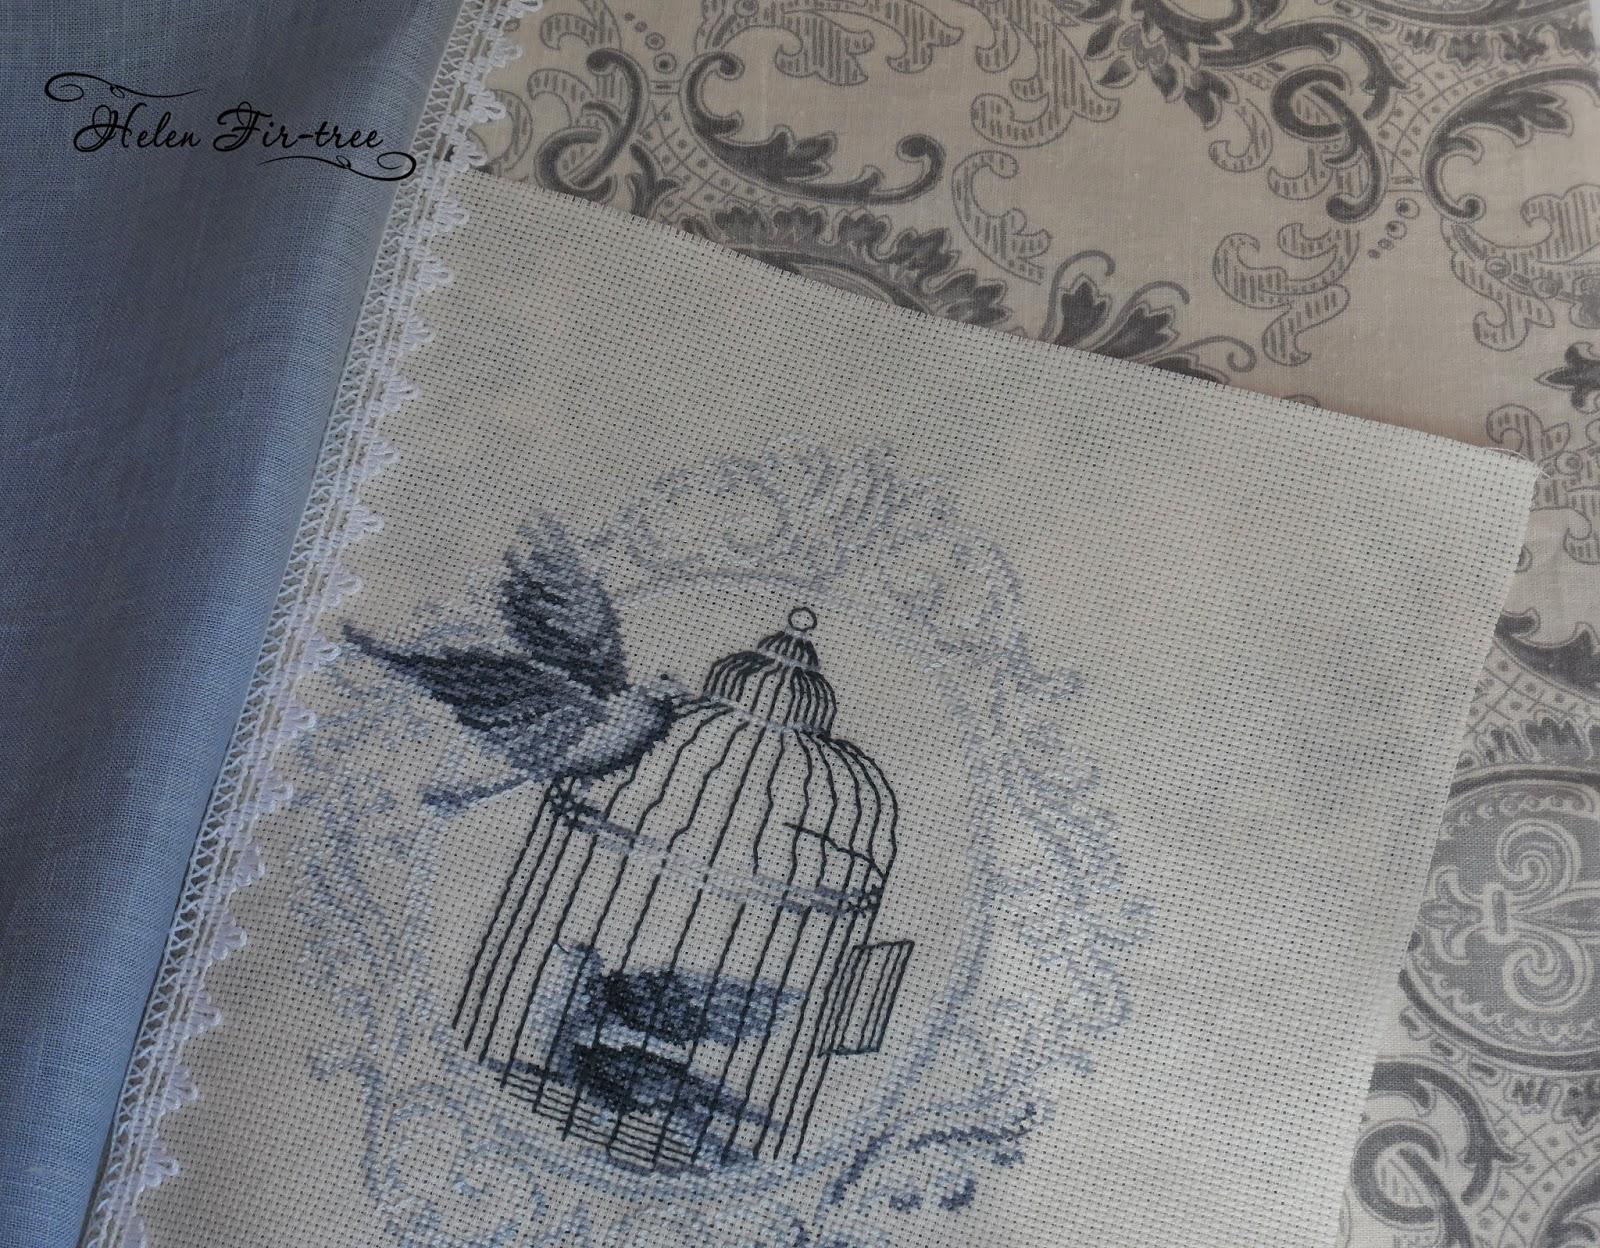 Helen Fir-tree вышивка  крестом чехол для одежды stitch suit bag